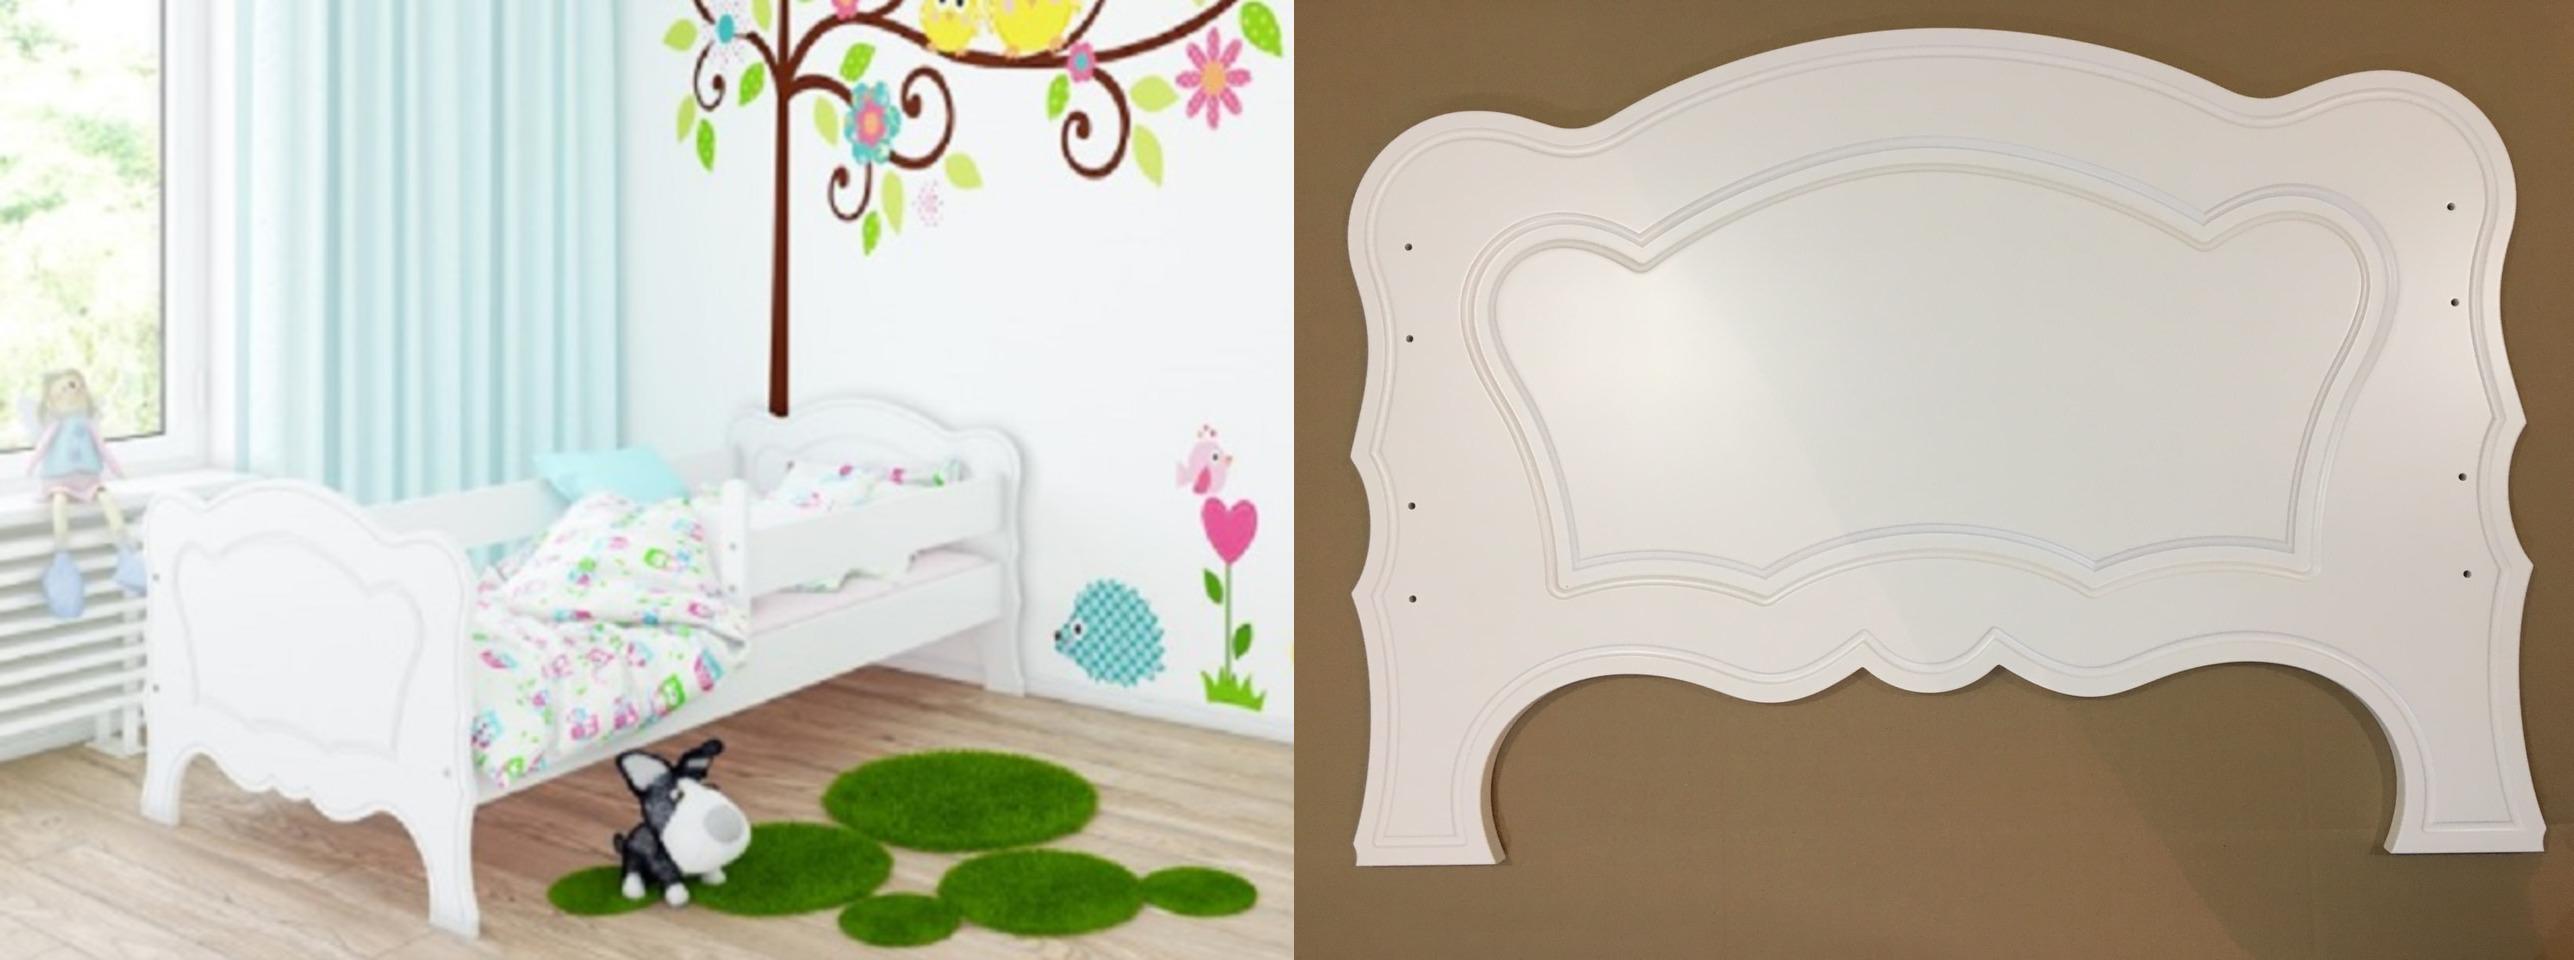 Кровать детская  Мико 1600х800 с матрасом.